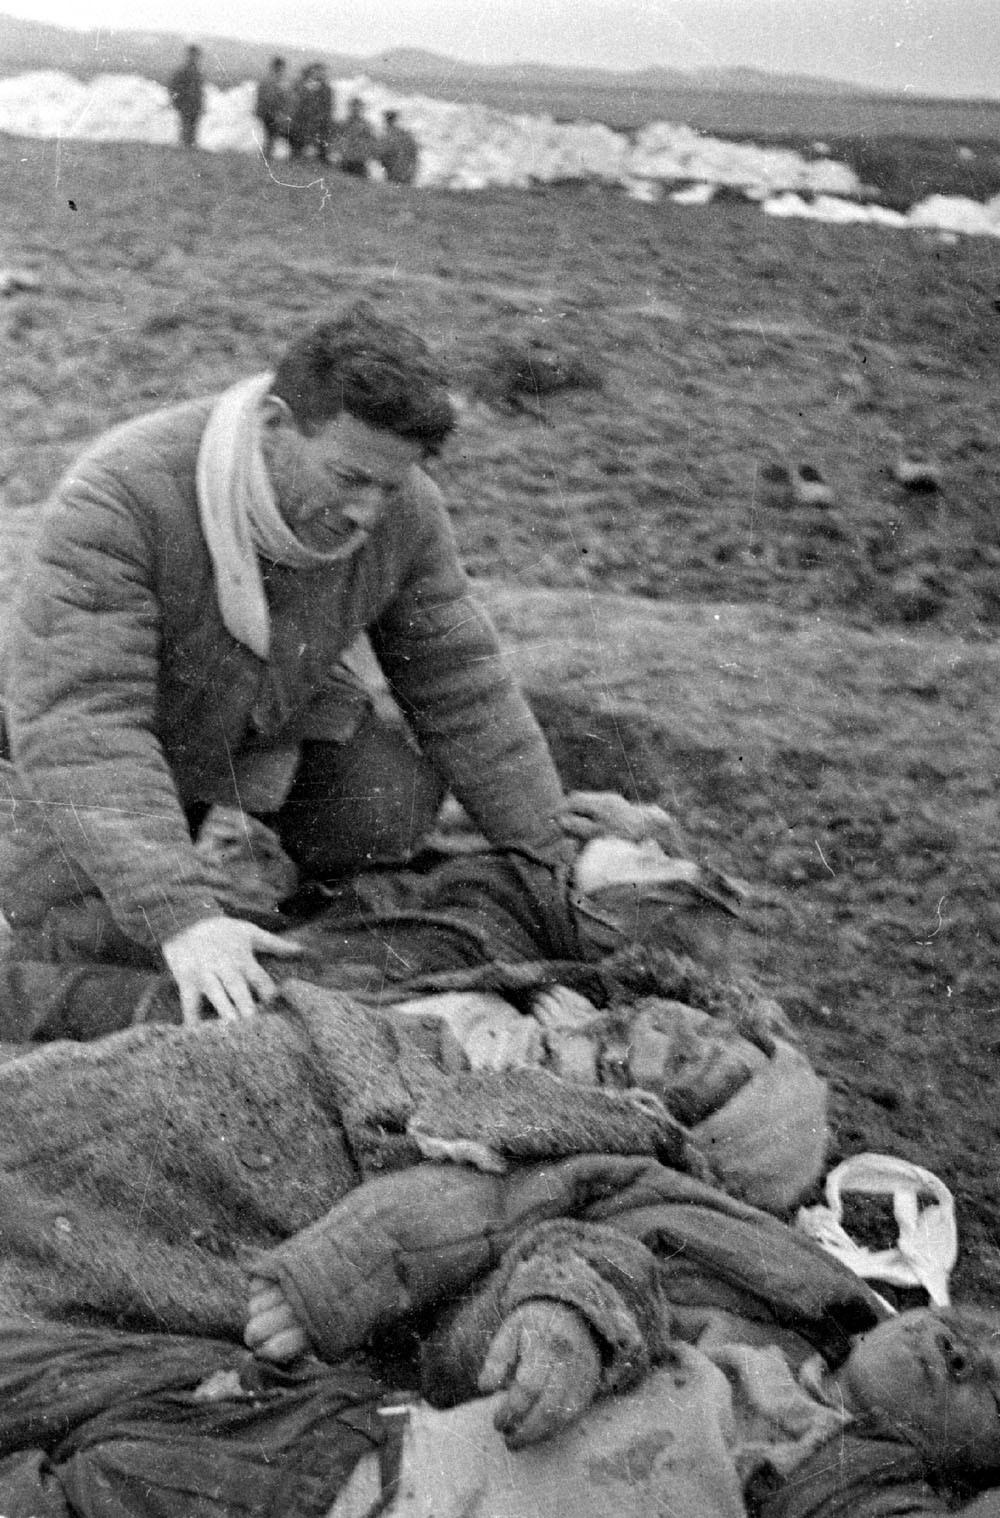 фото детей убитых немцами представление интересов